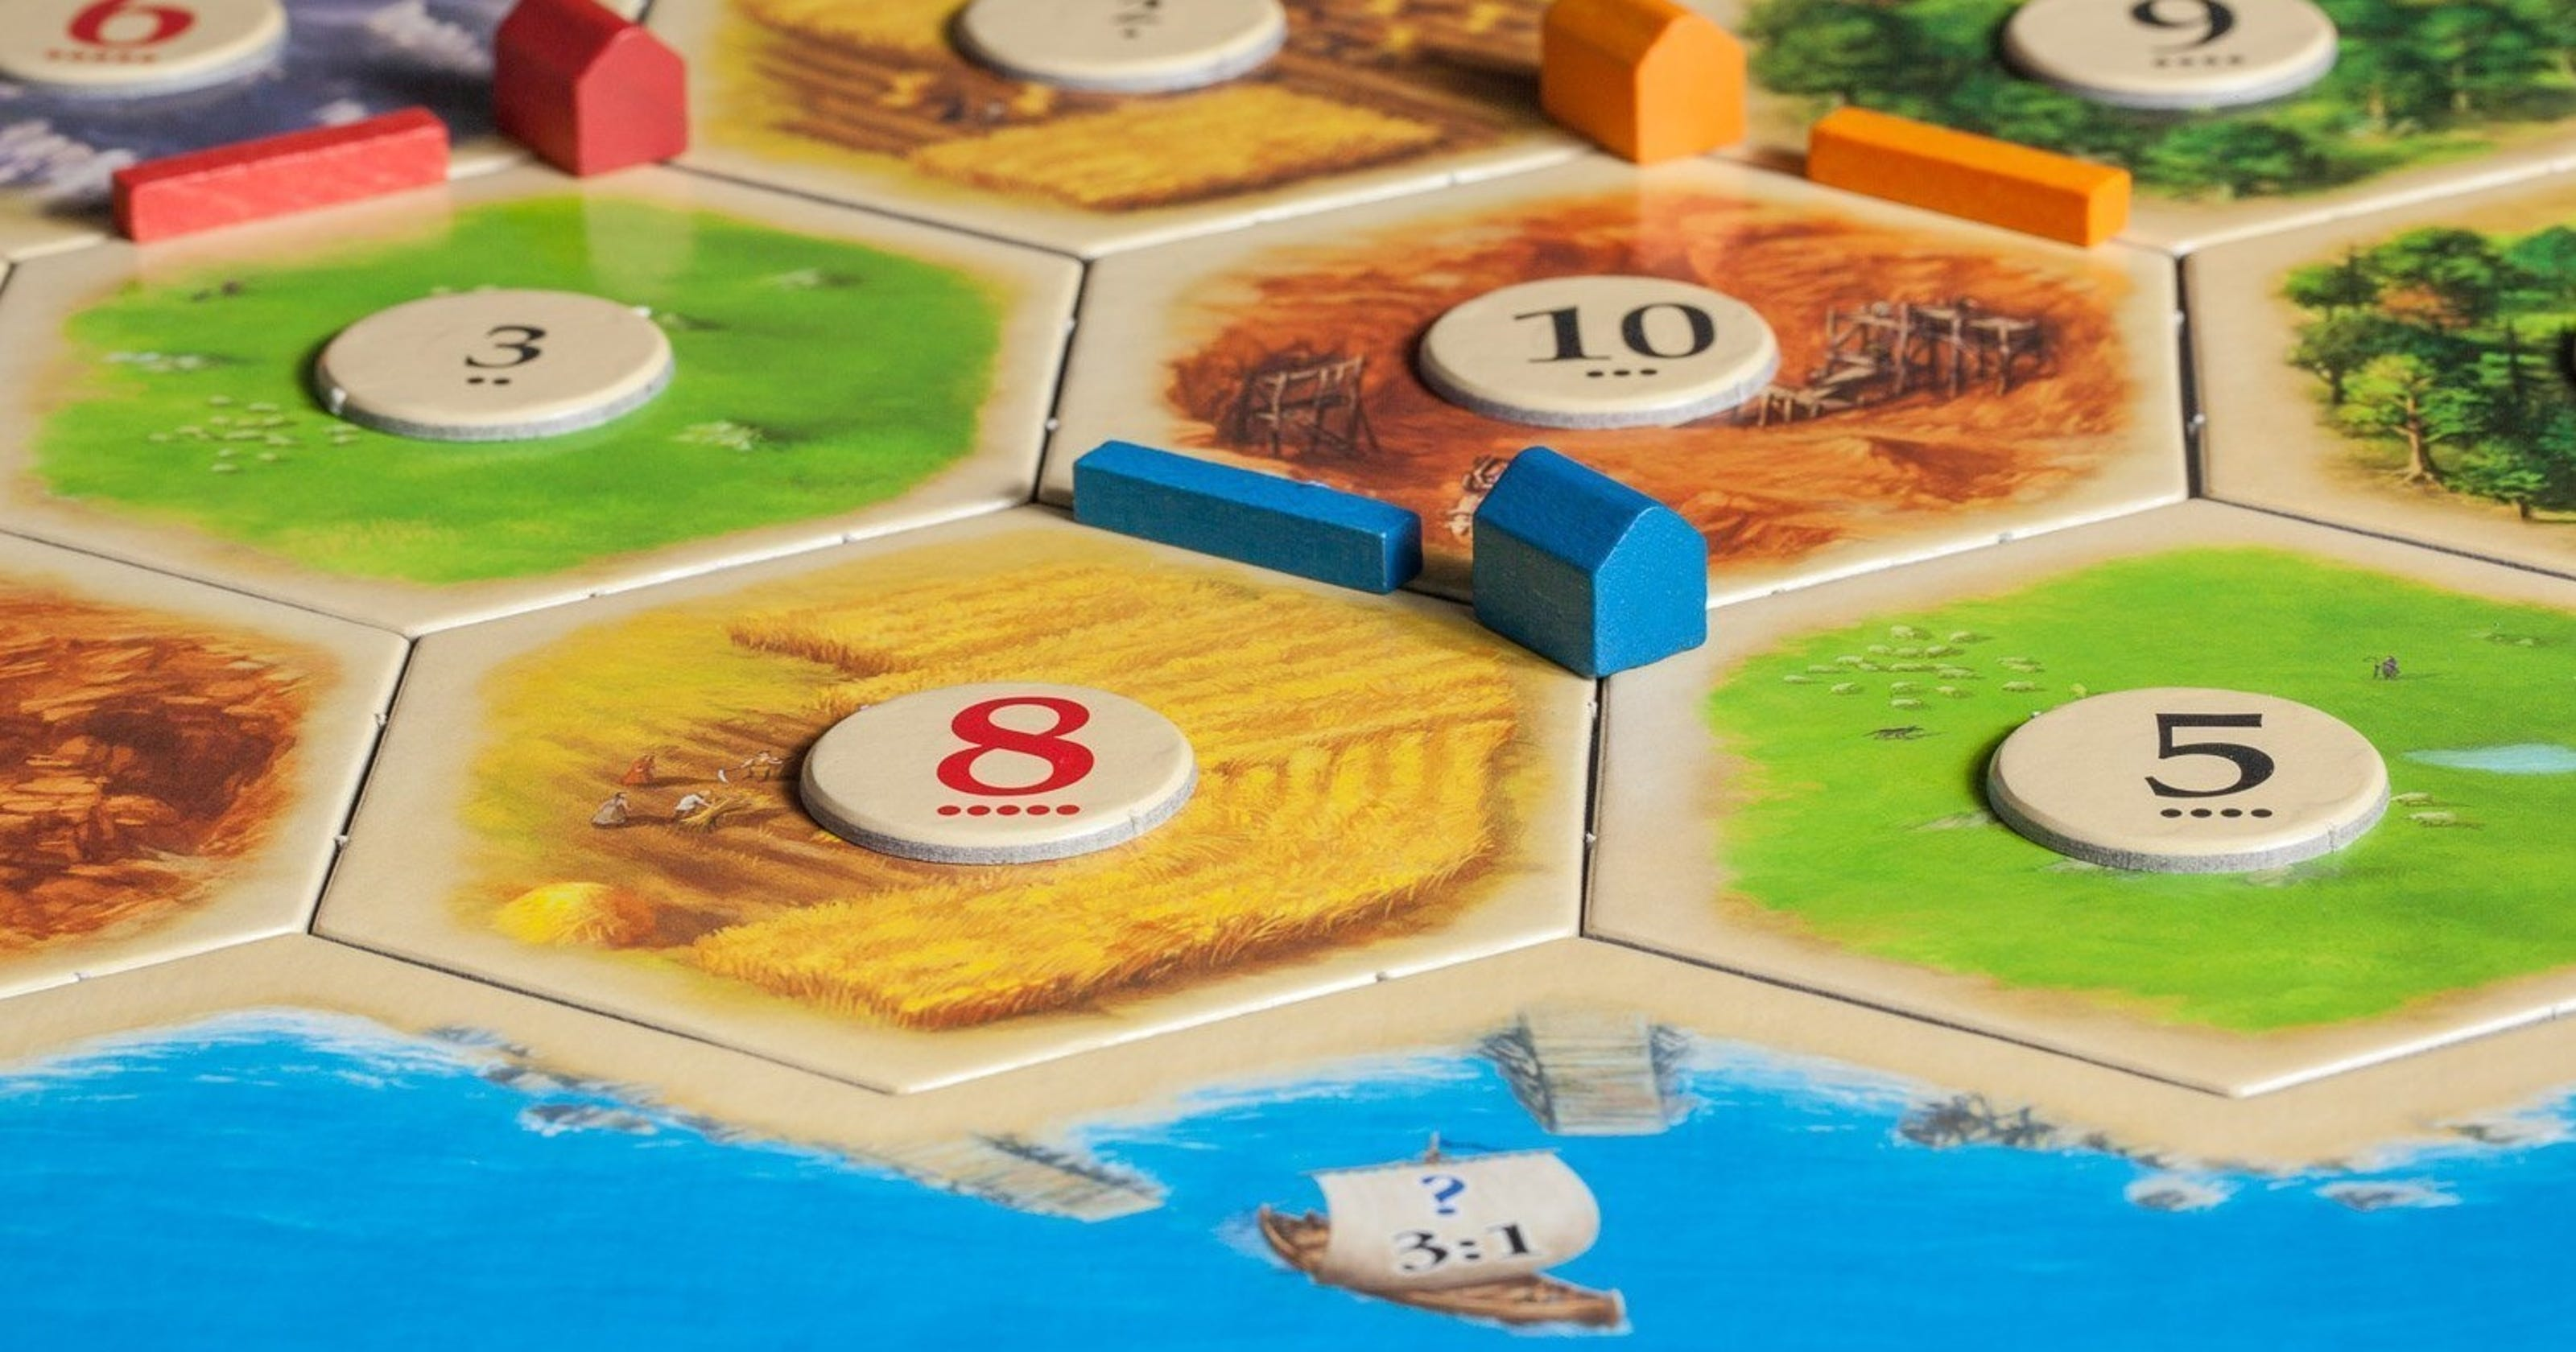 Beliebte Brettspiele